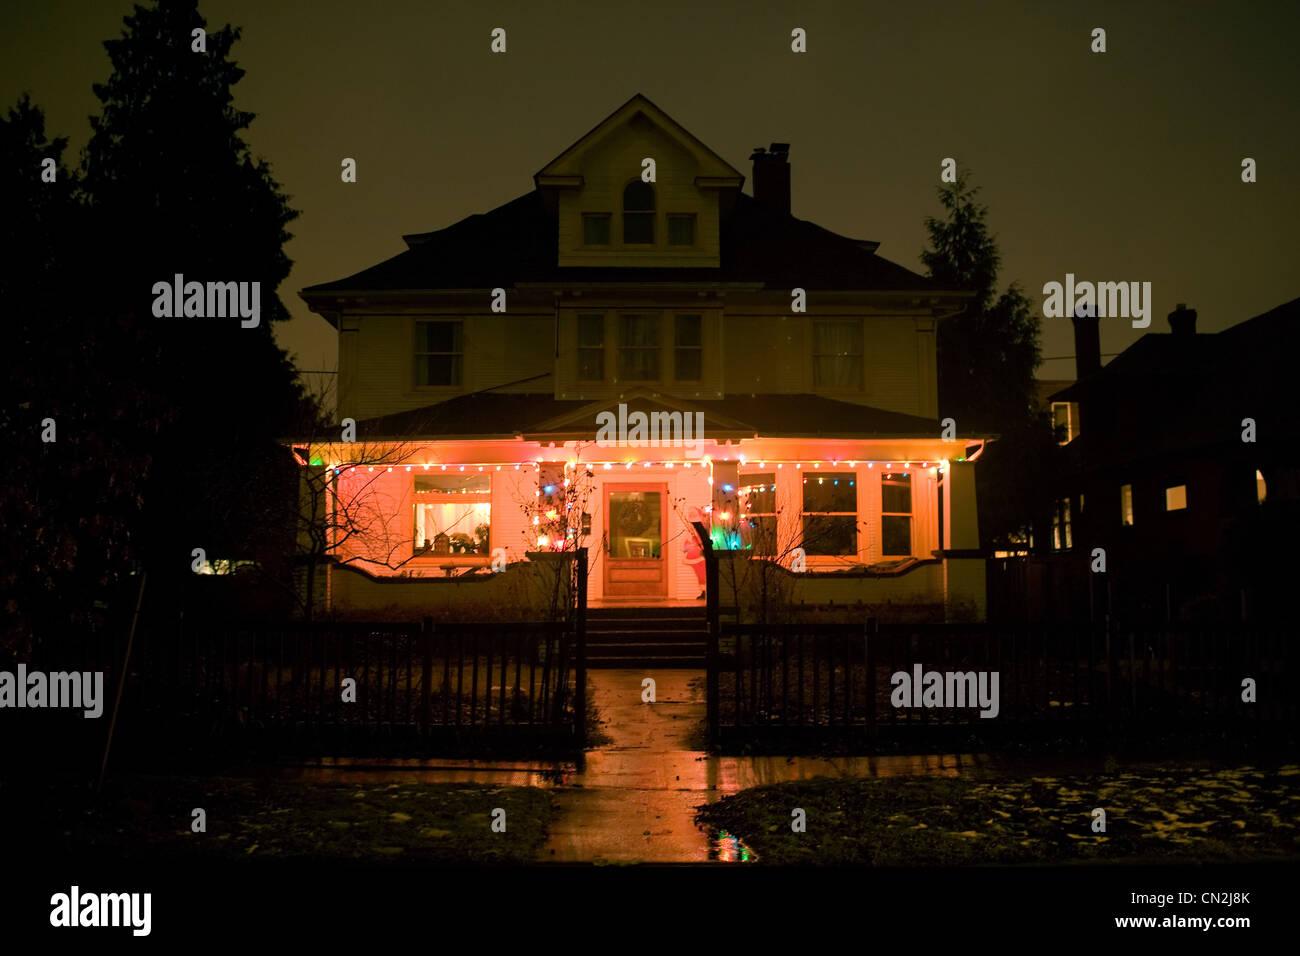 Haus Weihnachtsbeleuchtung.Weihnachtsbeleuchtung Am Haus Bei Nacht Stockfoto Bild